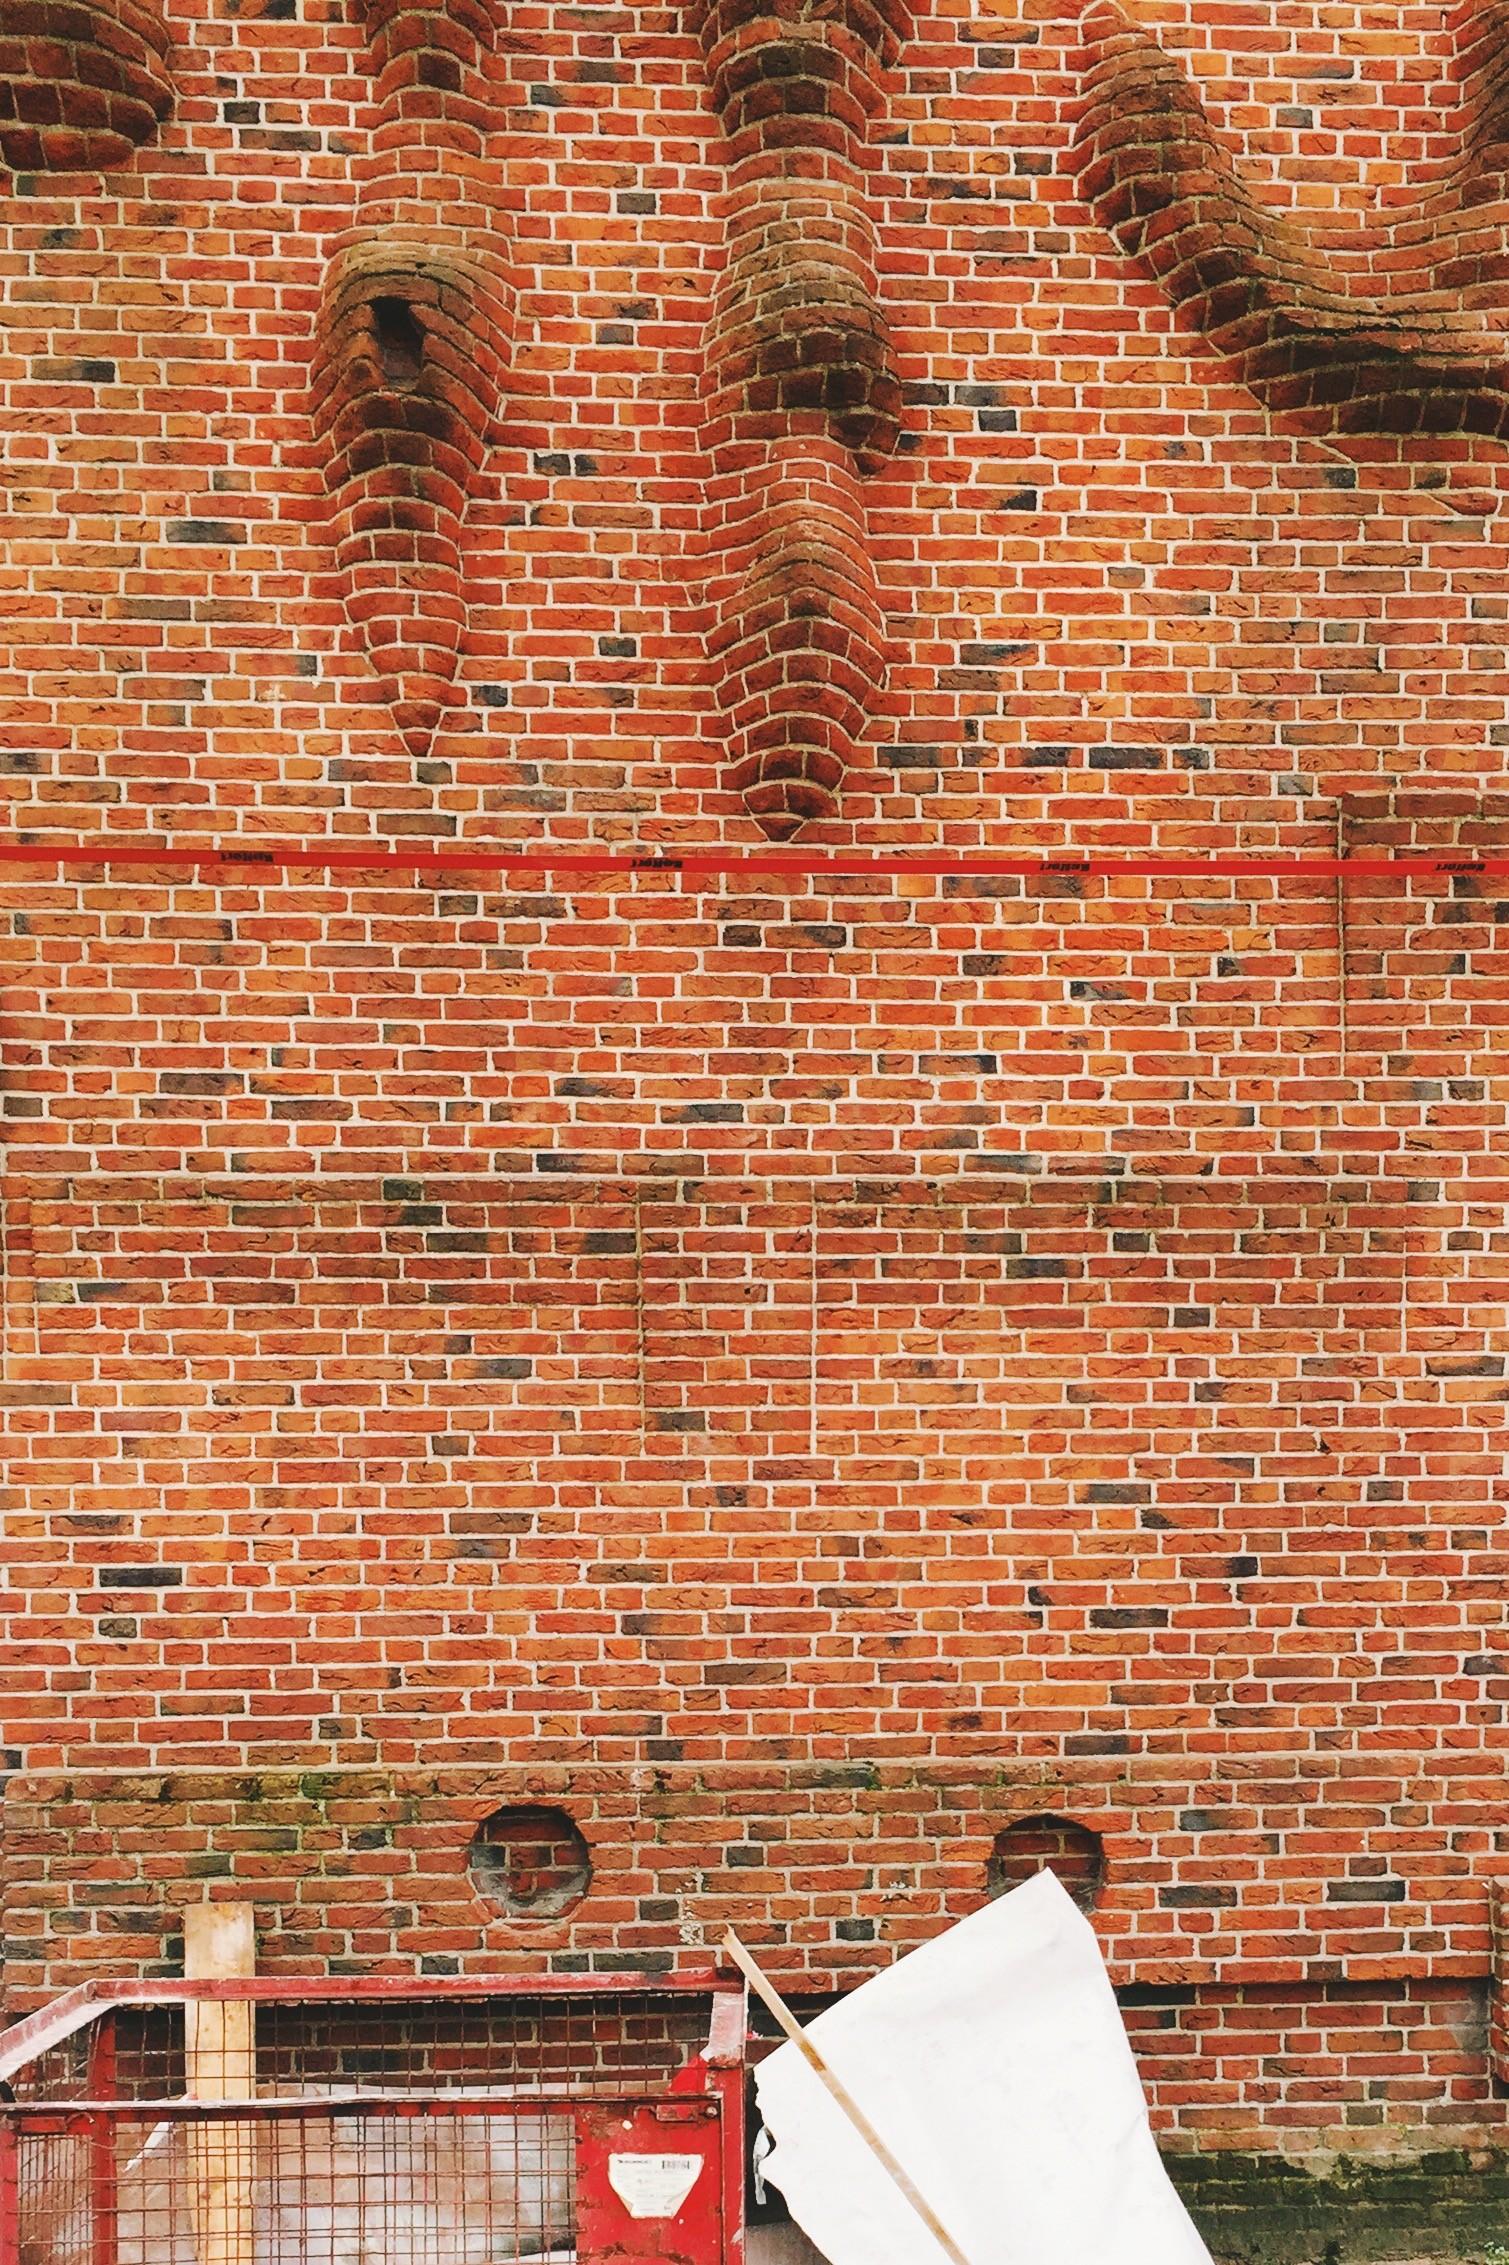 Henry Moore's Reliefs Brick